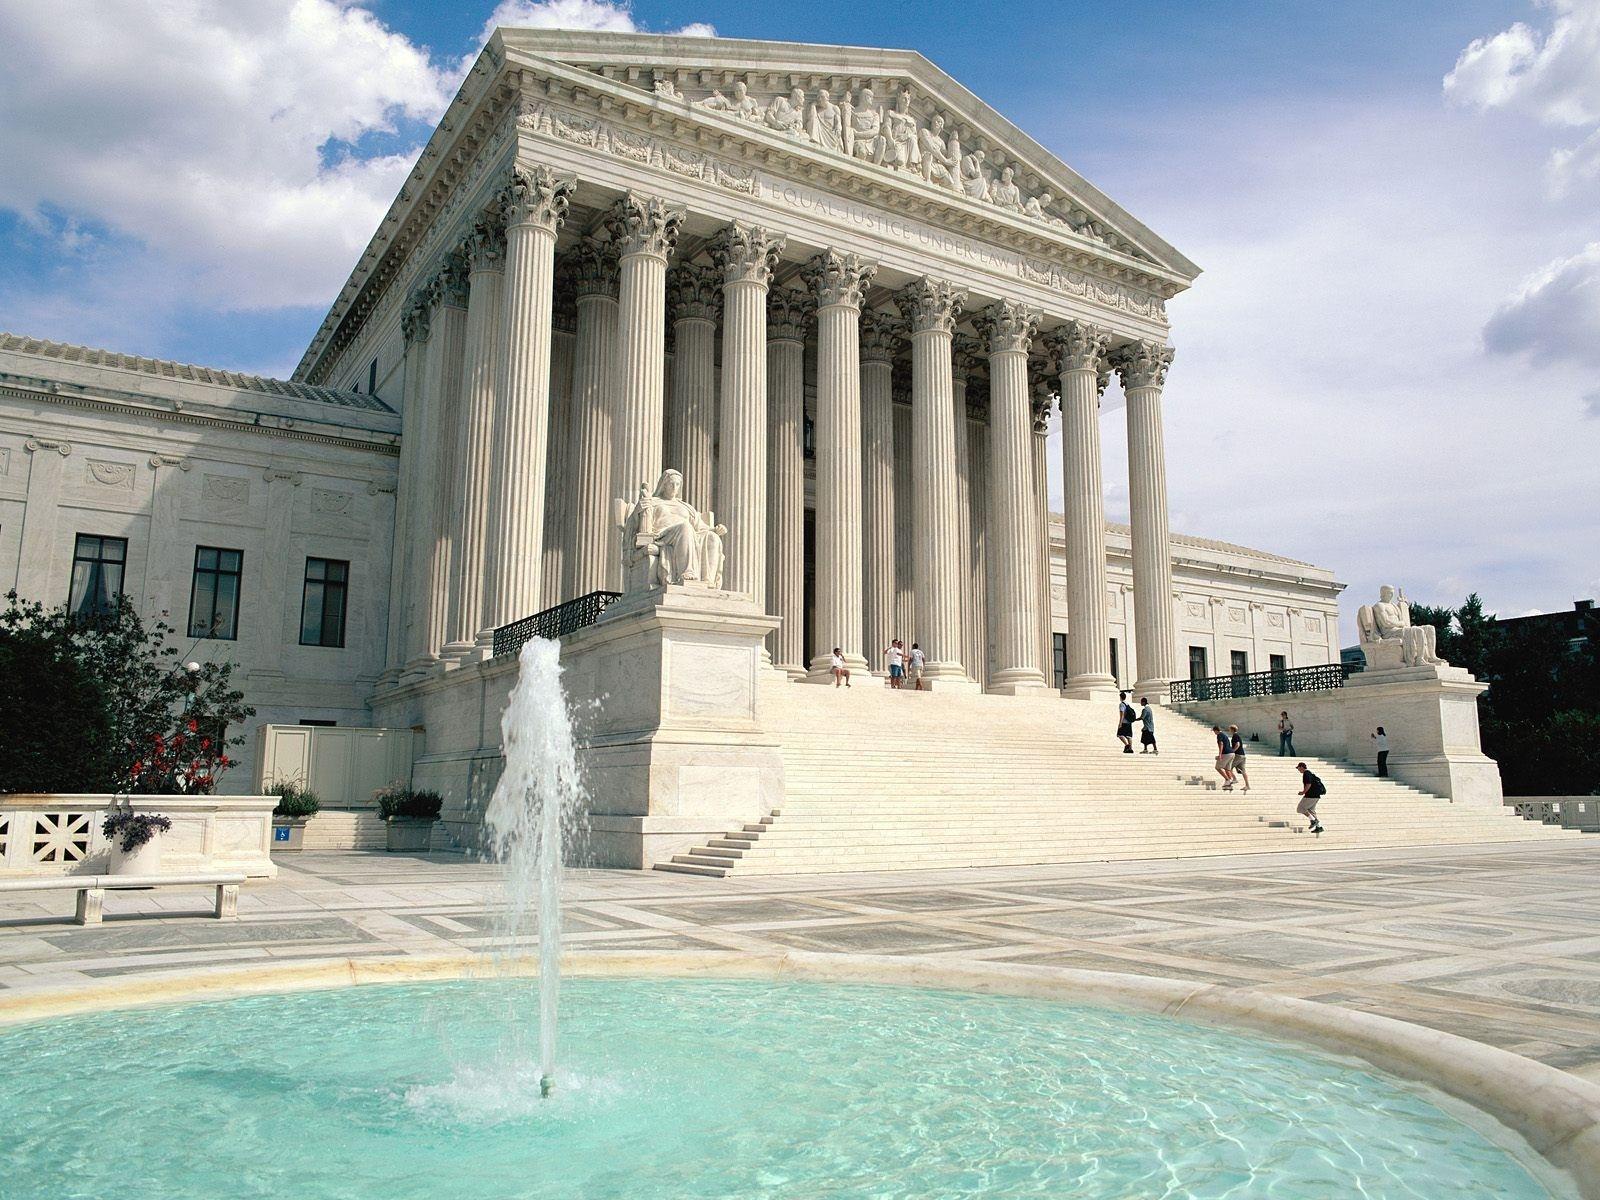 Best Washington Wallpapers Supreme Court Building Famous Buildings Washington Dc